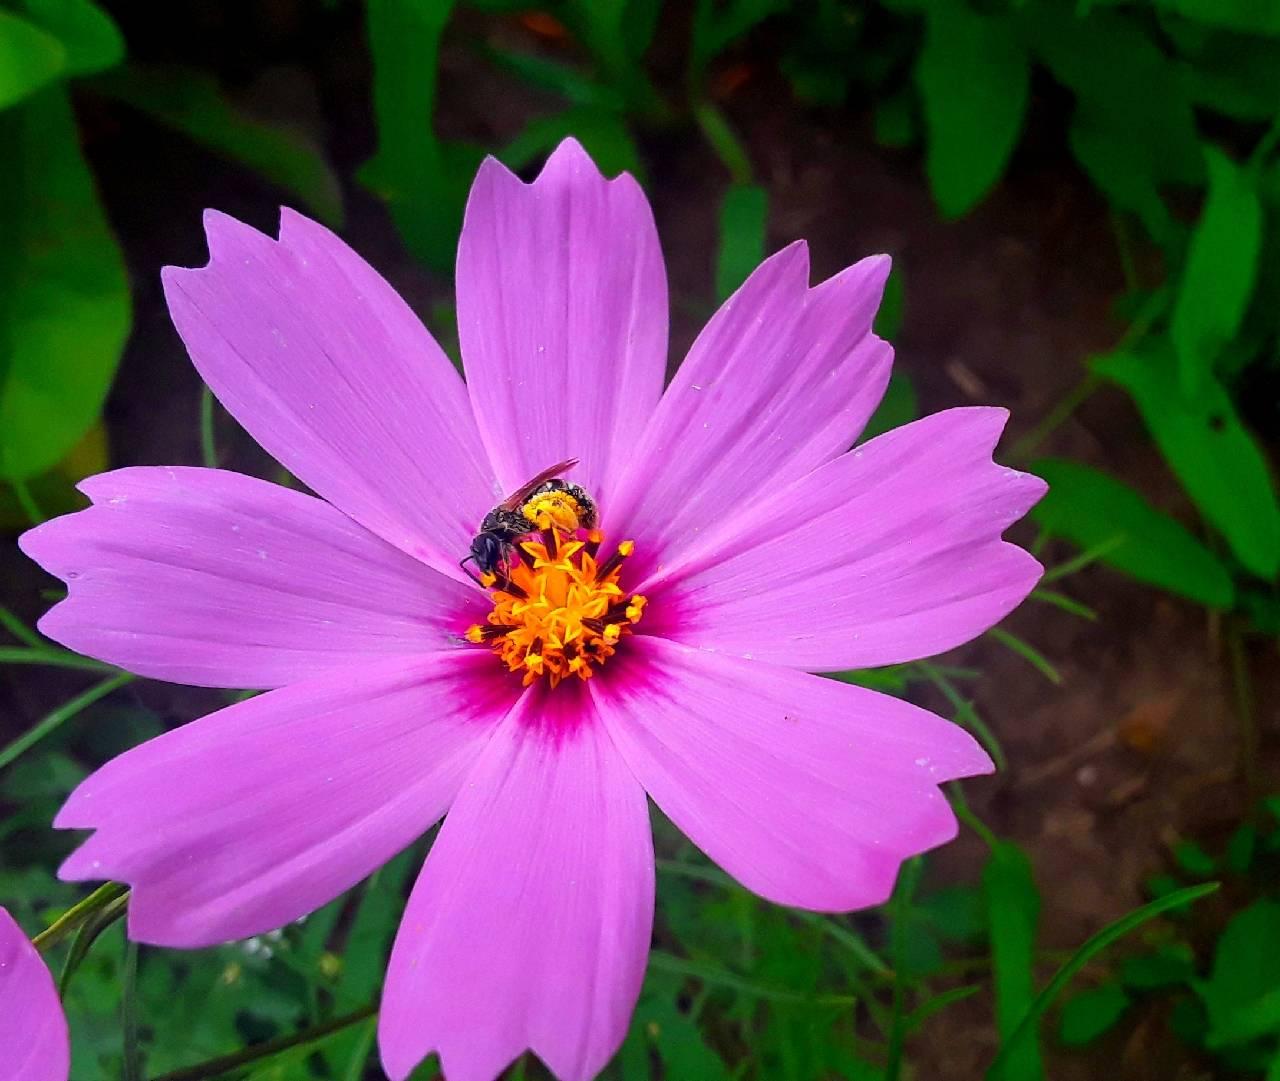 пчела на цветке photo Sergei